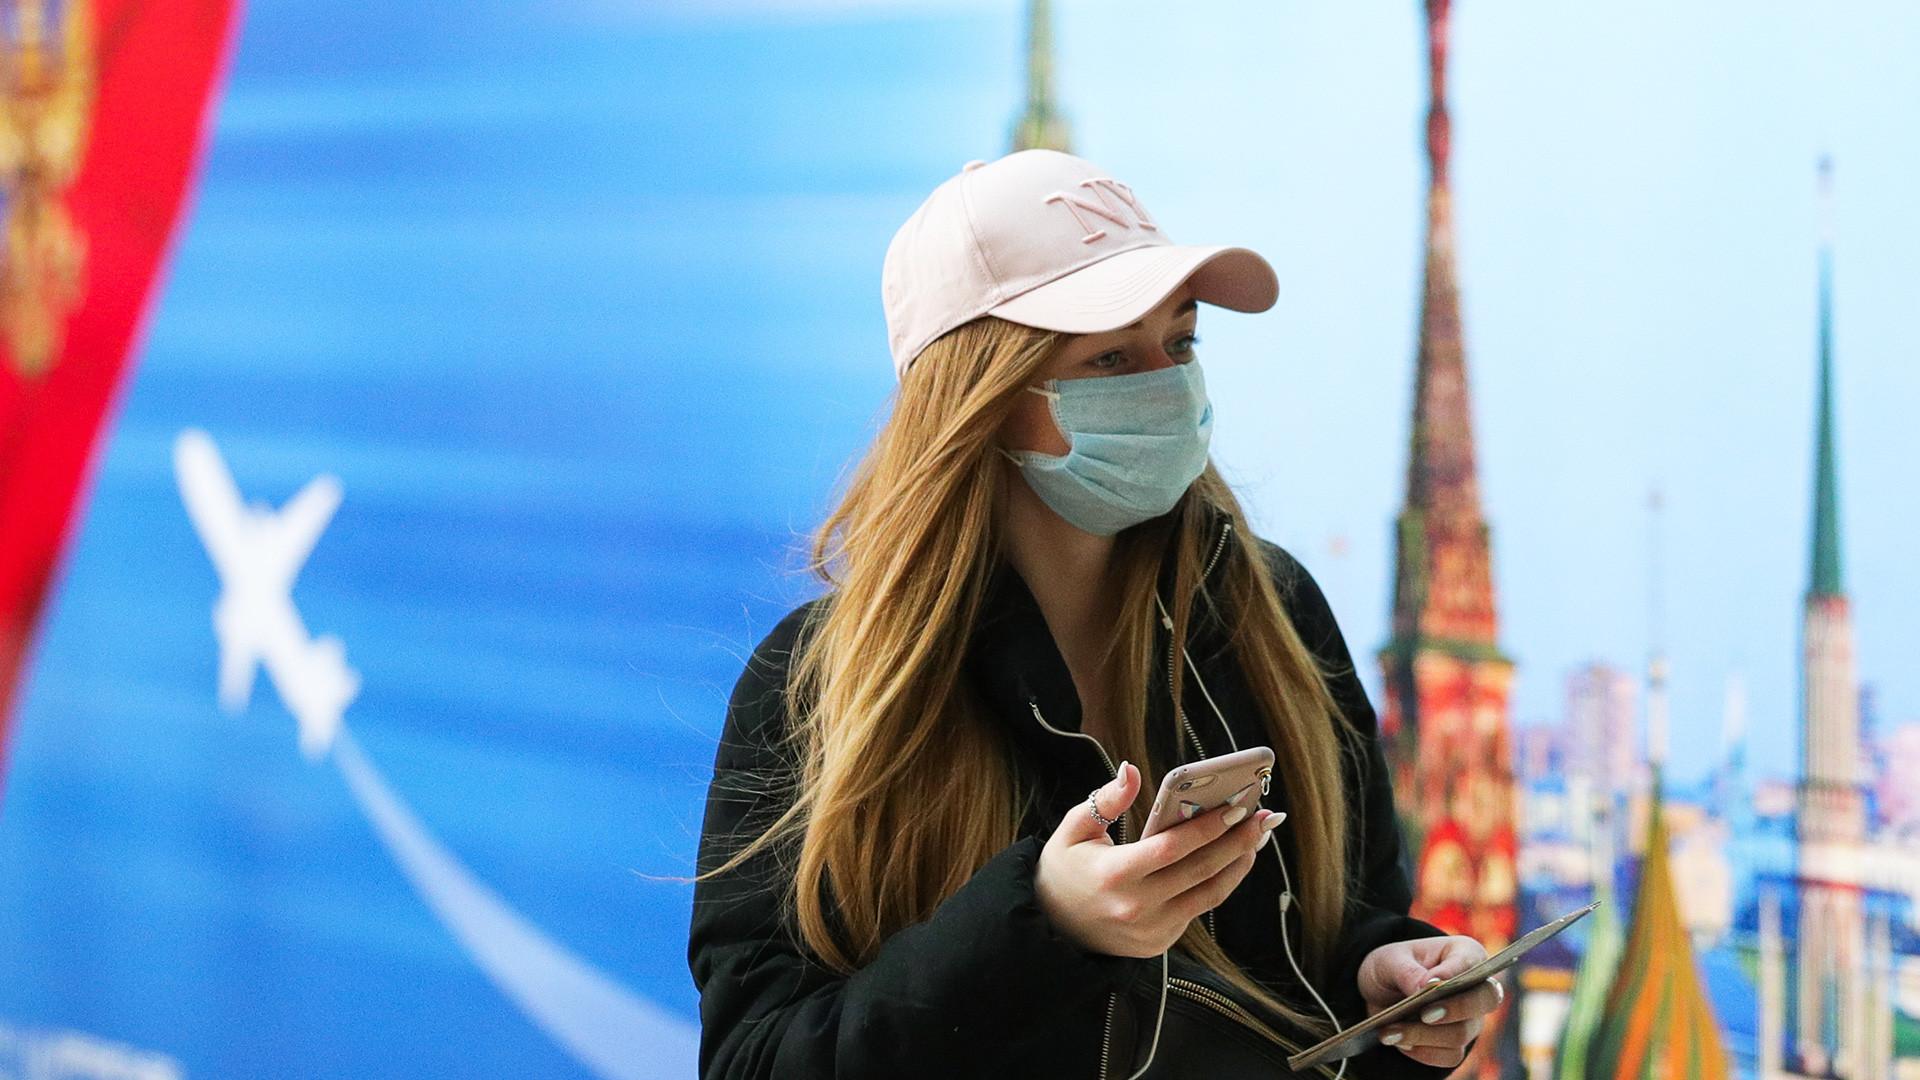 Seorang perempuan dengan masker di Bandara Internasional Sheremetyevo, Moskow.